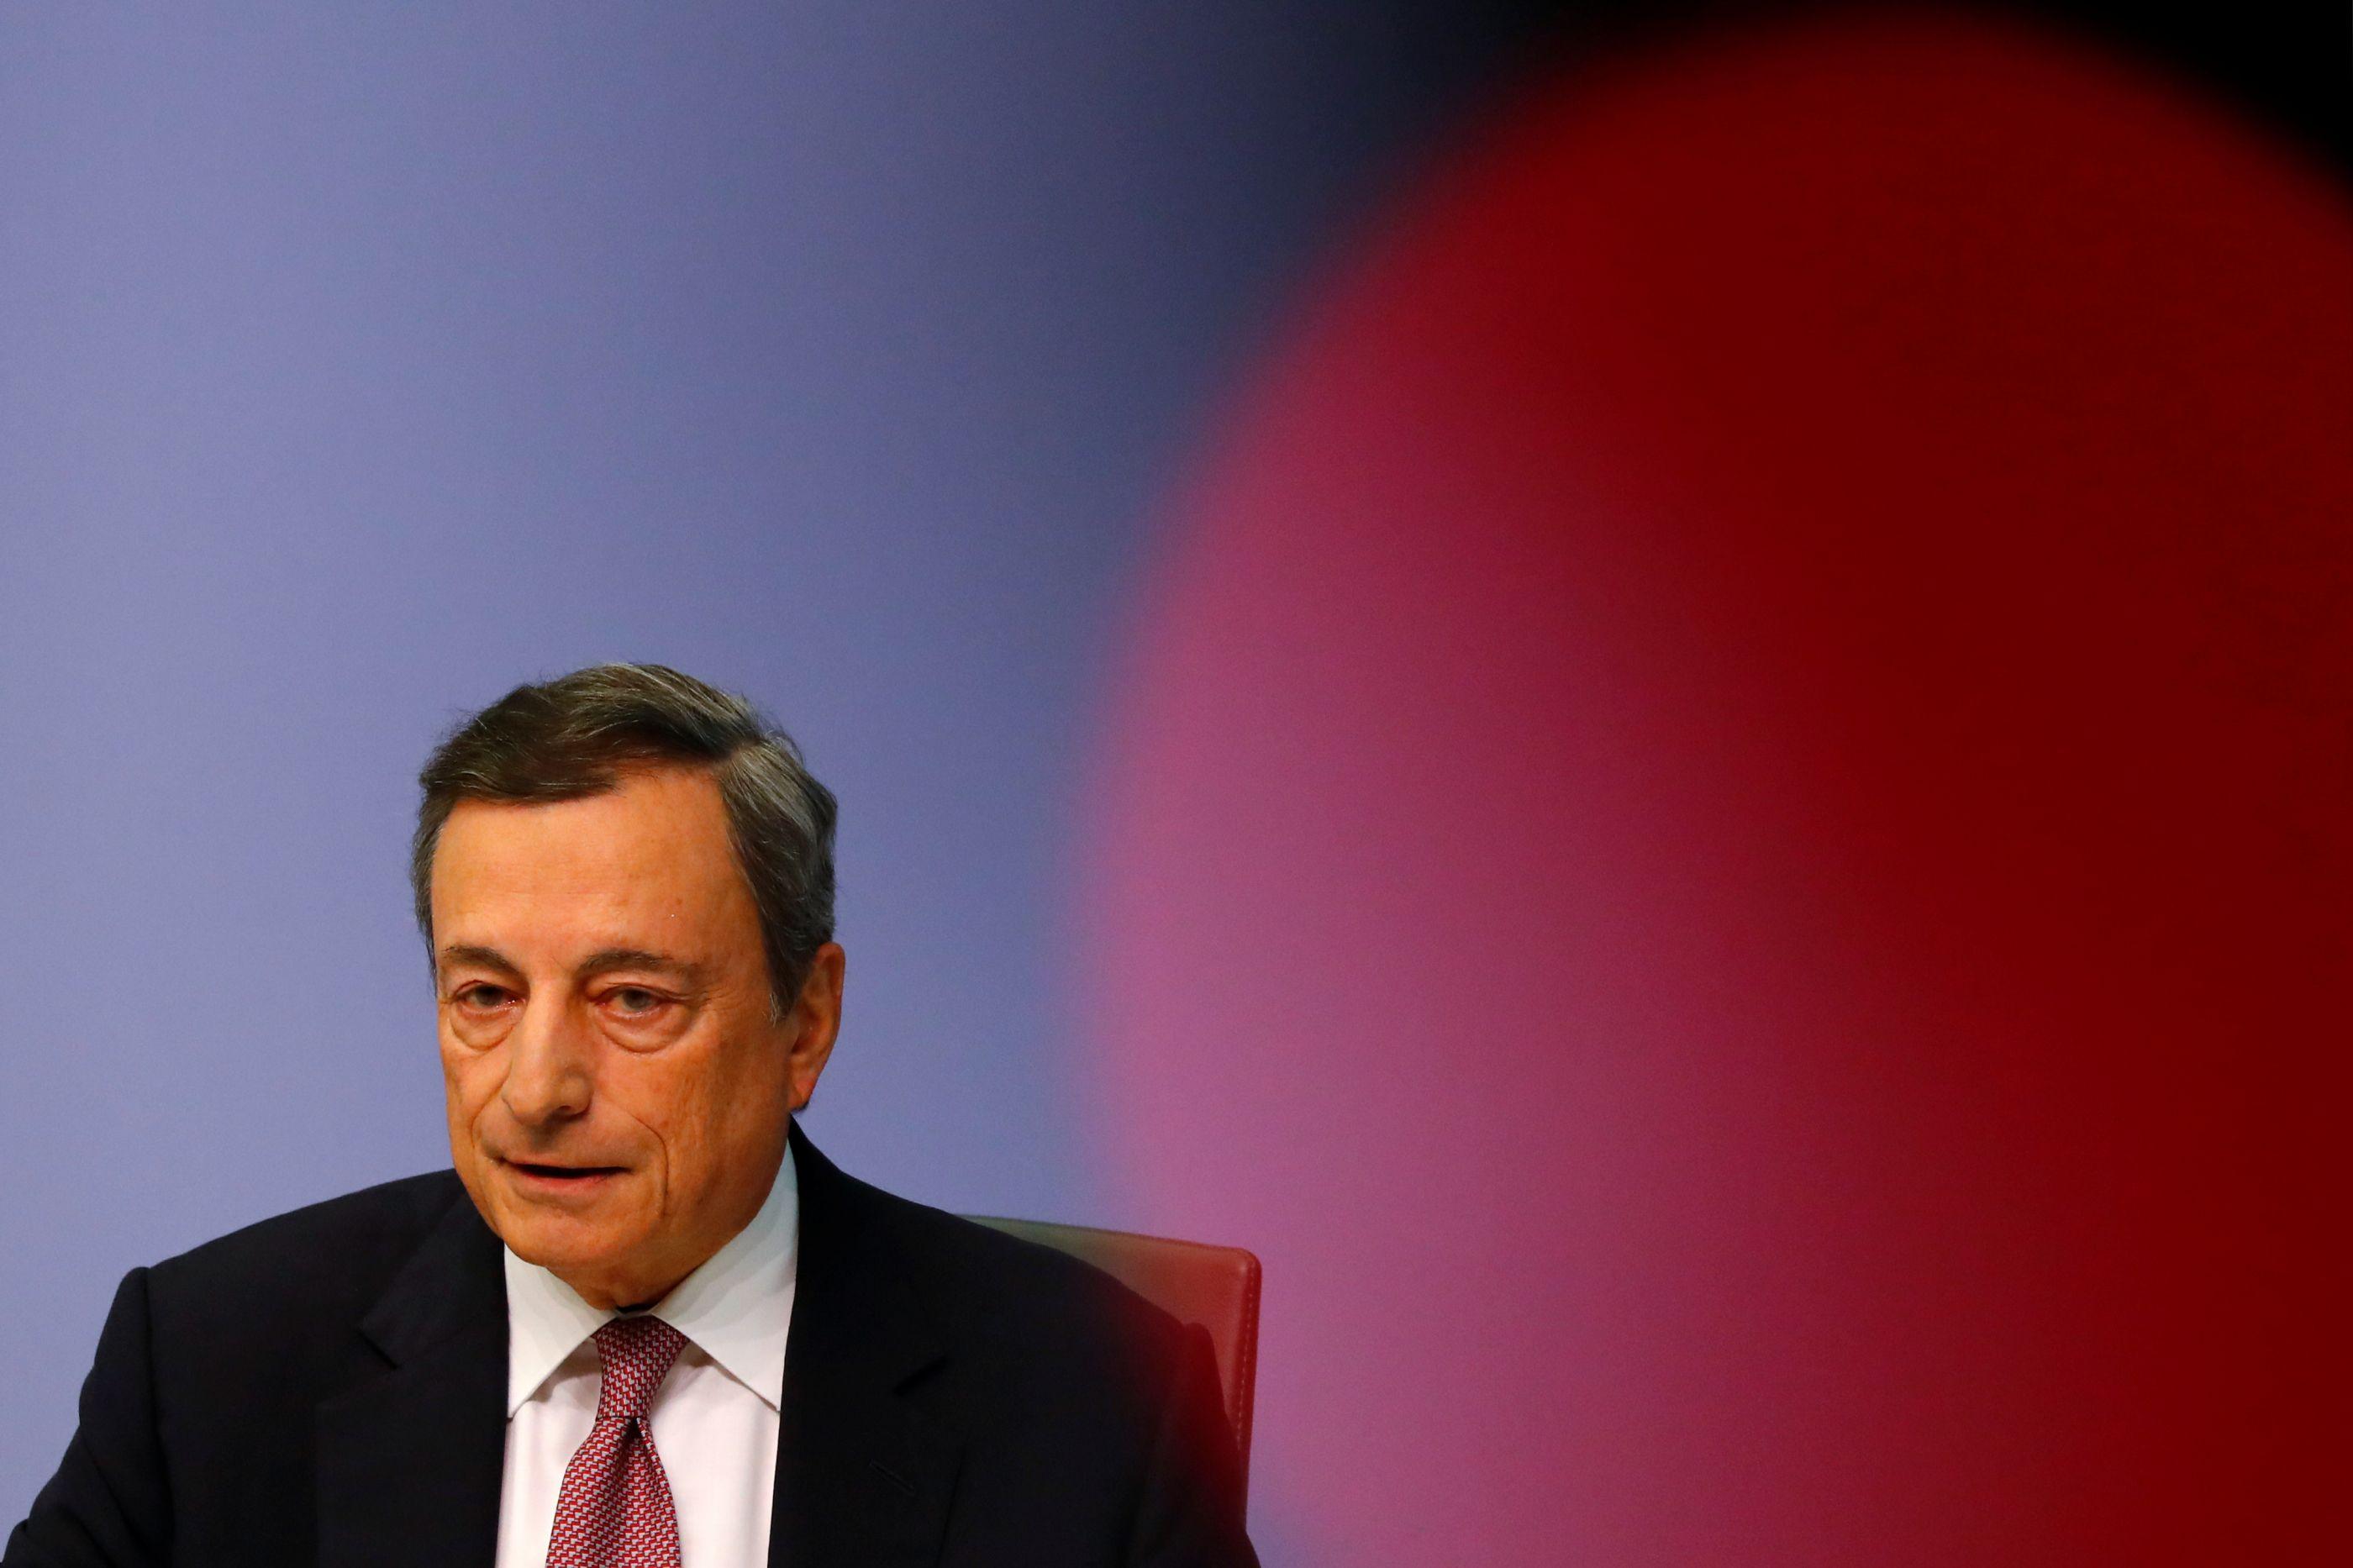 BCE aumenta para 10,6% exigências de capital de nível 1 em 2018